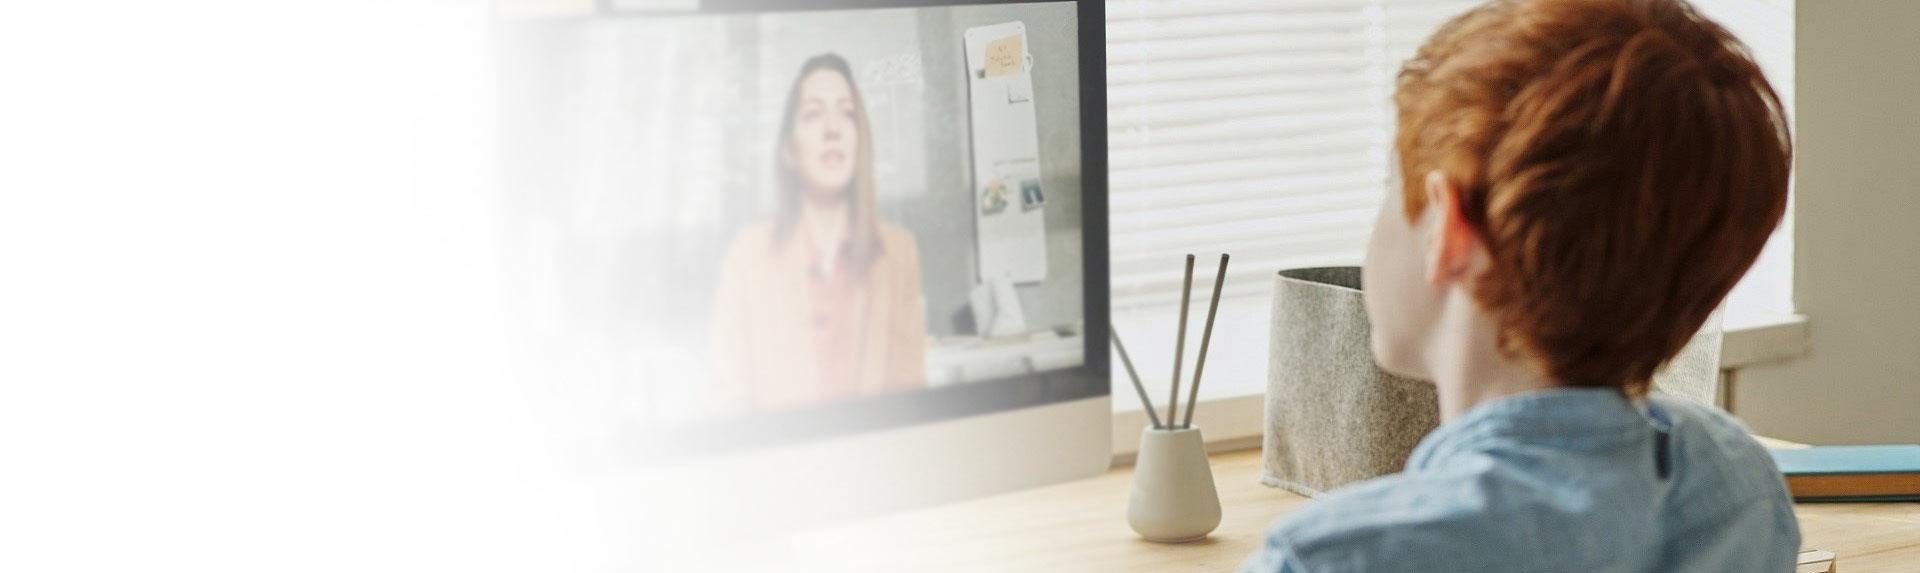 online tutoring remote computer